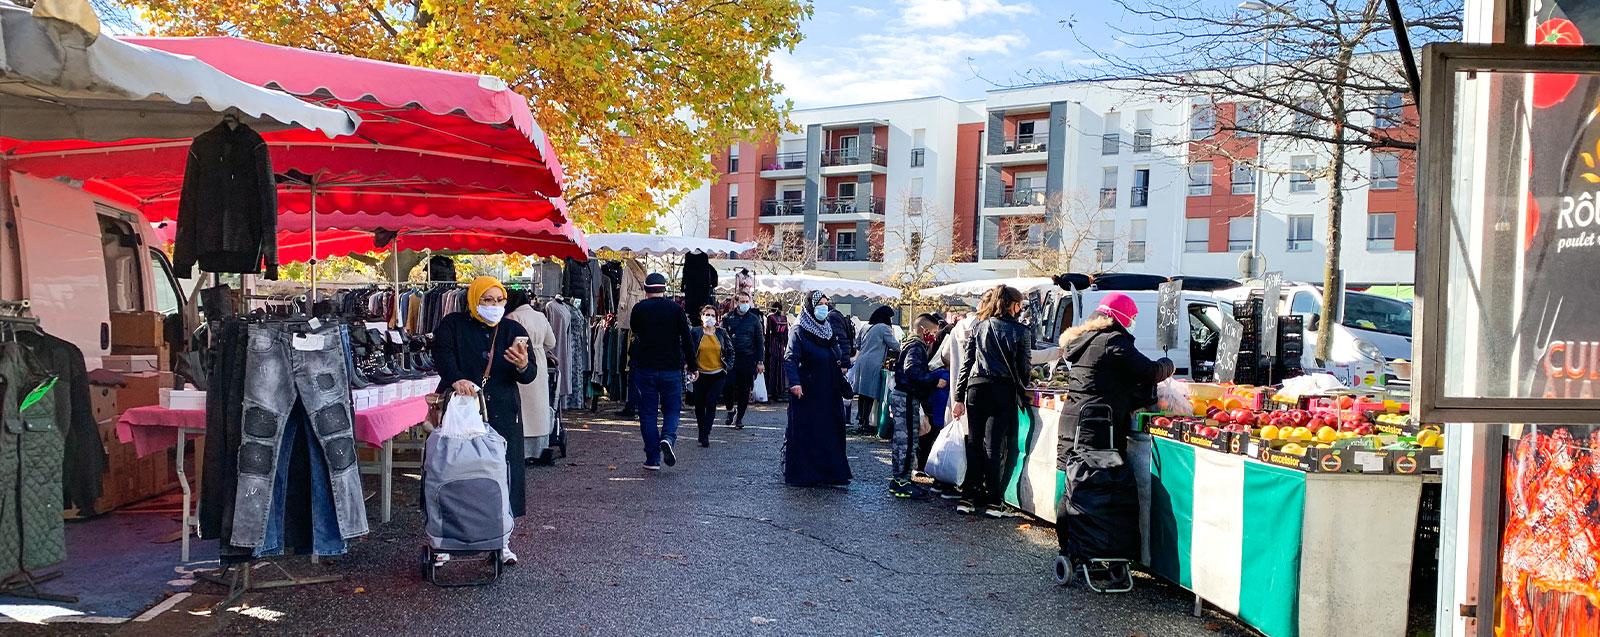 nouvel emplacement du marché du centre-ville (mercredi) rue Serge Mauroit